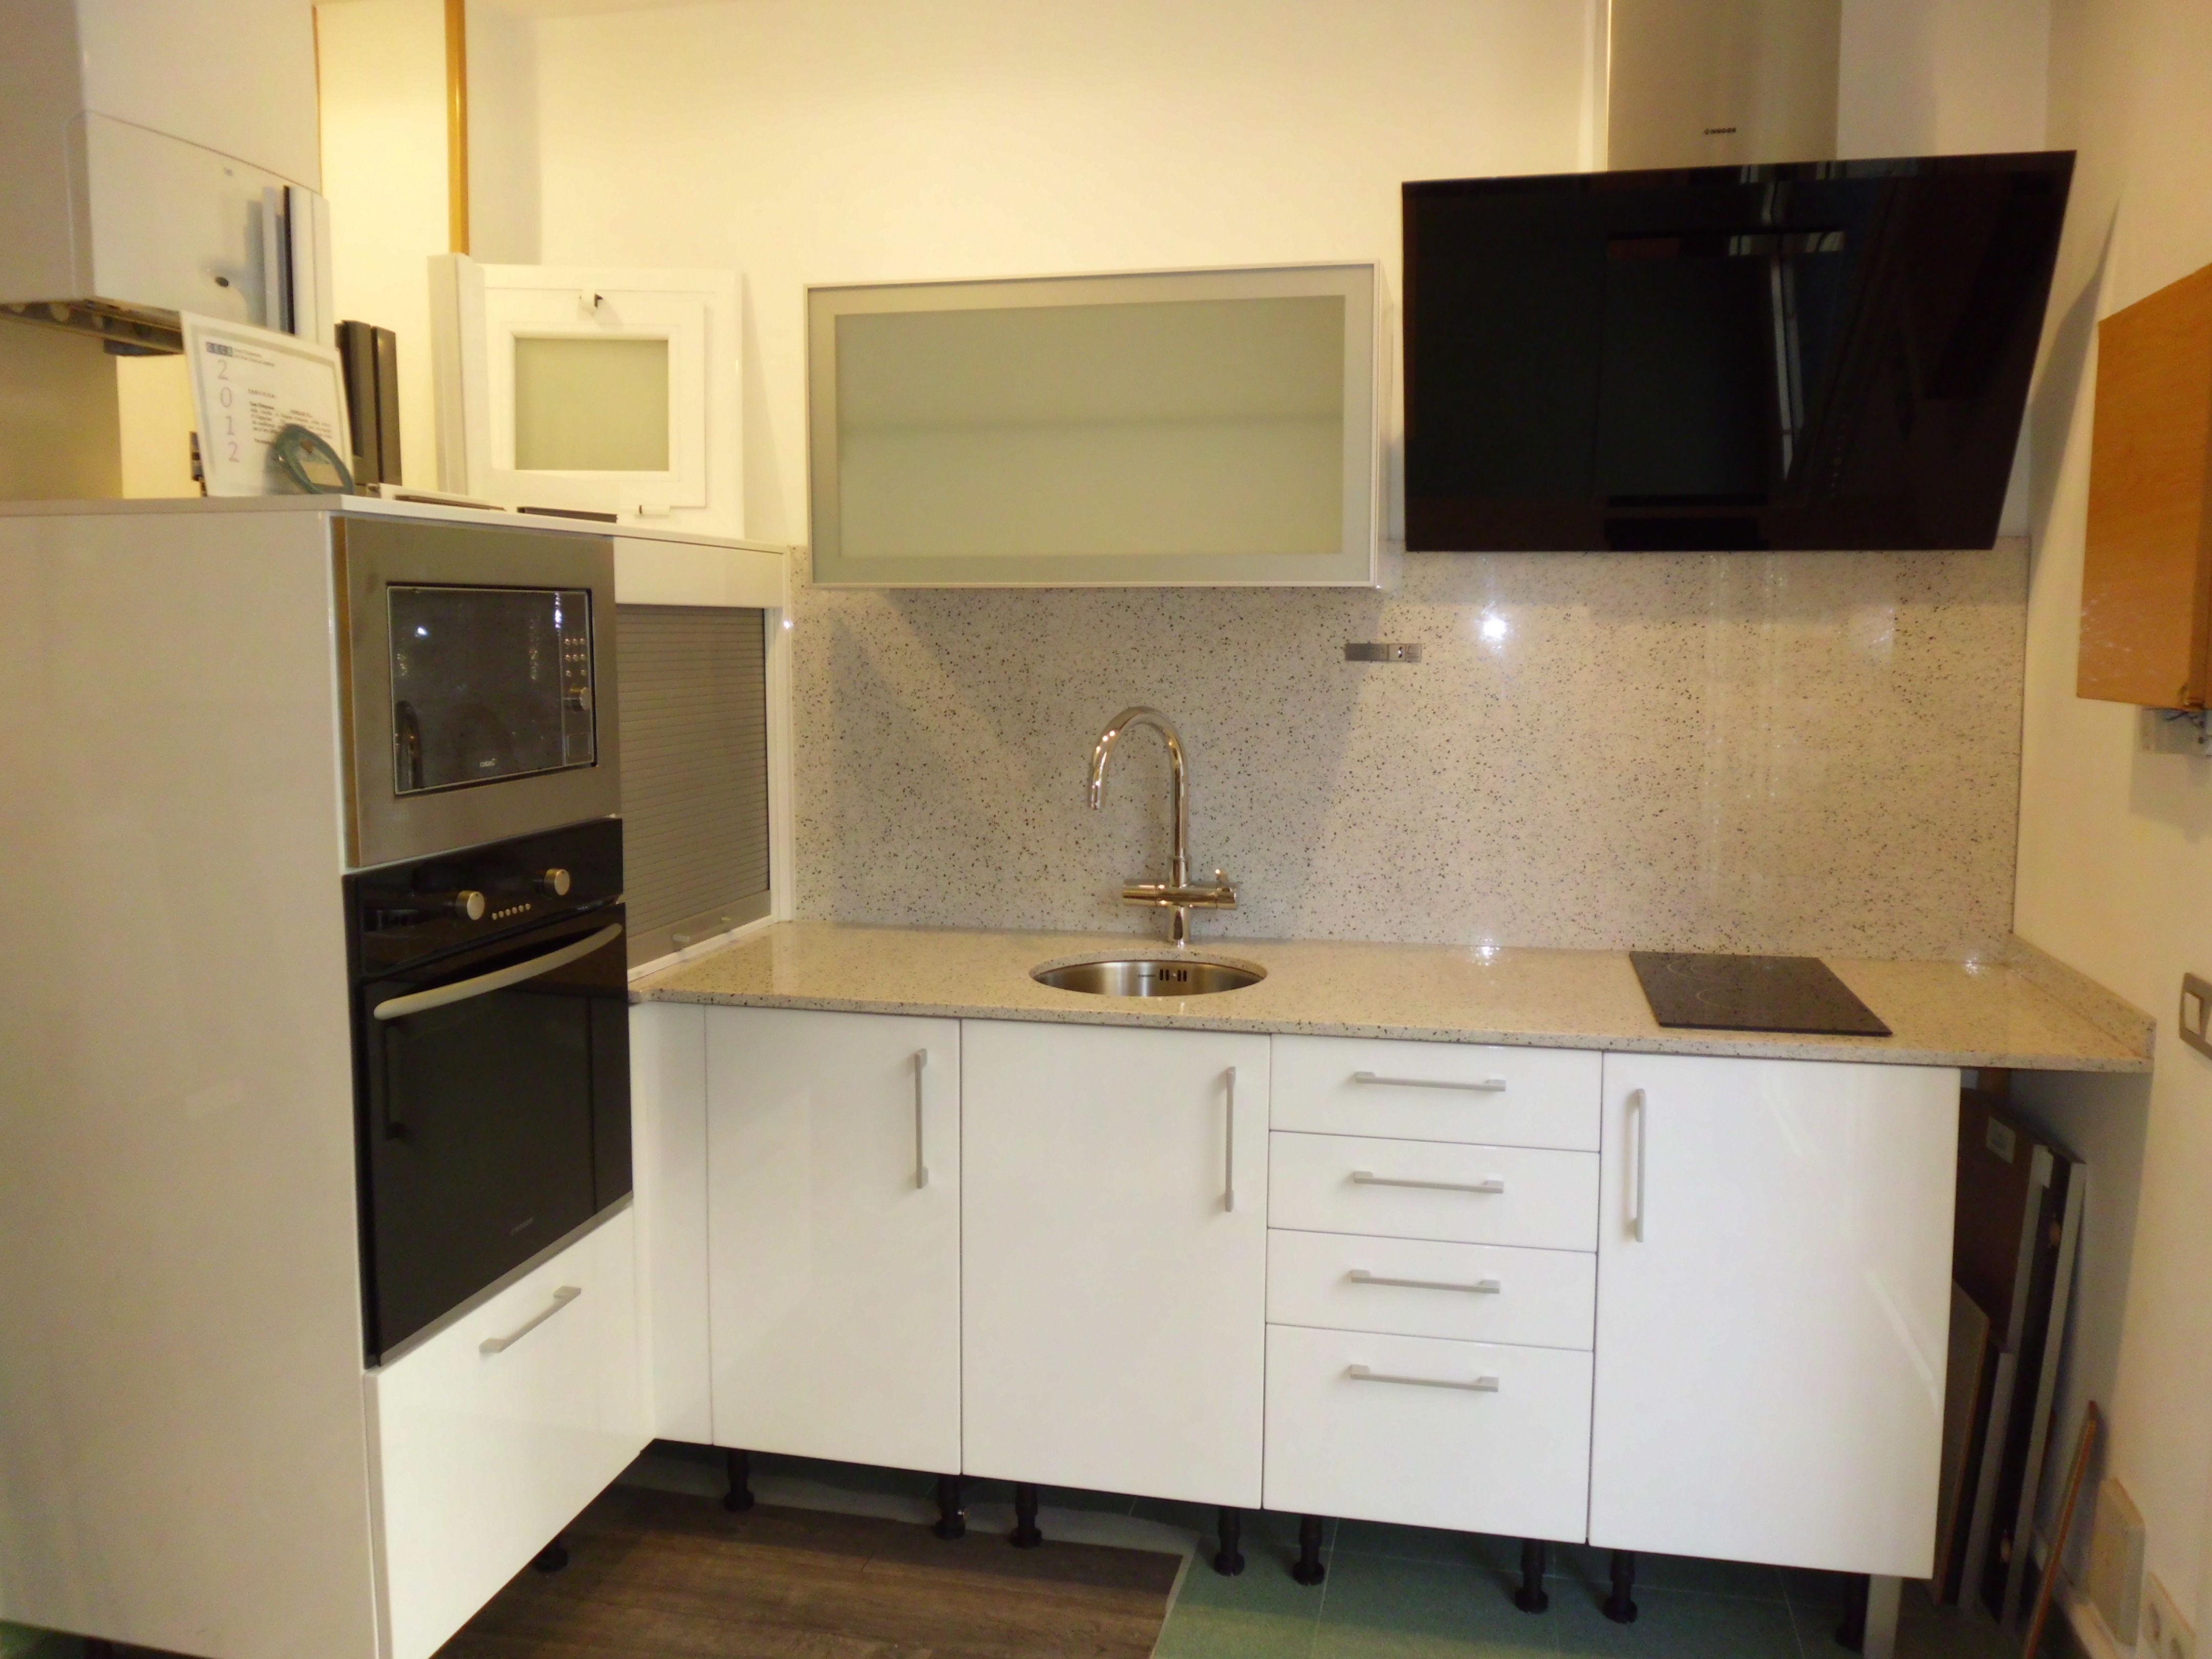 Oferta muebles cocina Eixample: Servicios y productos de Instal ...